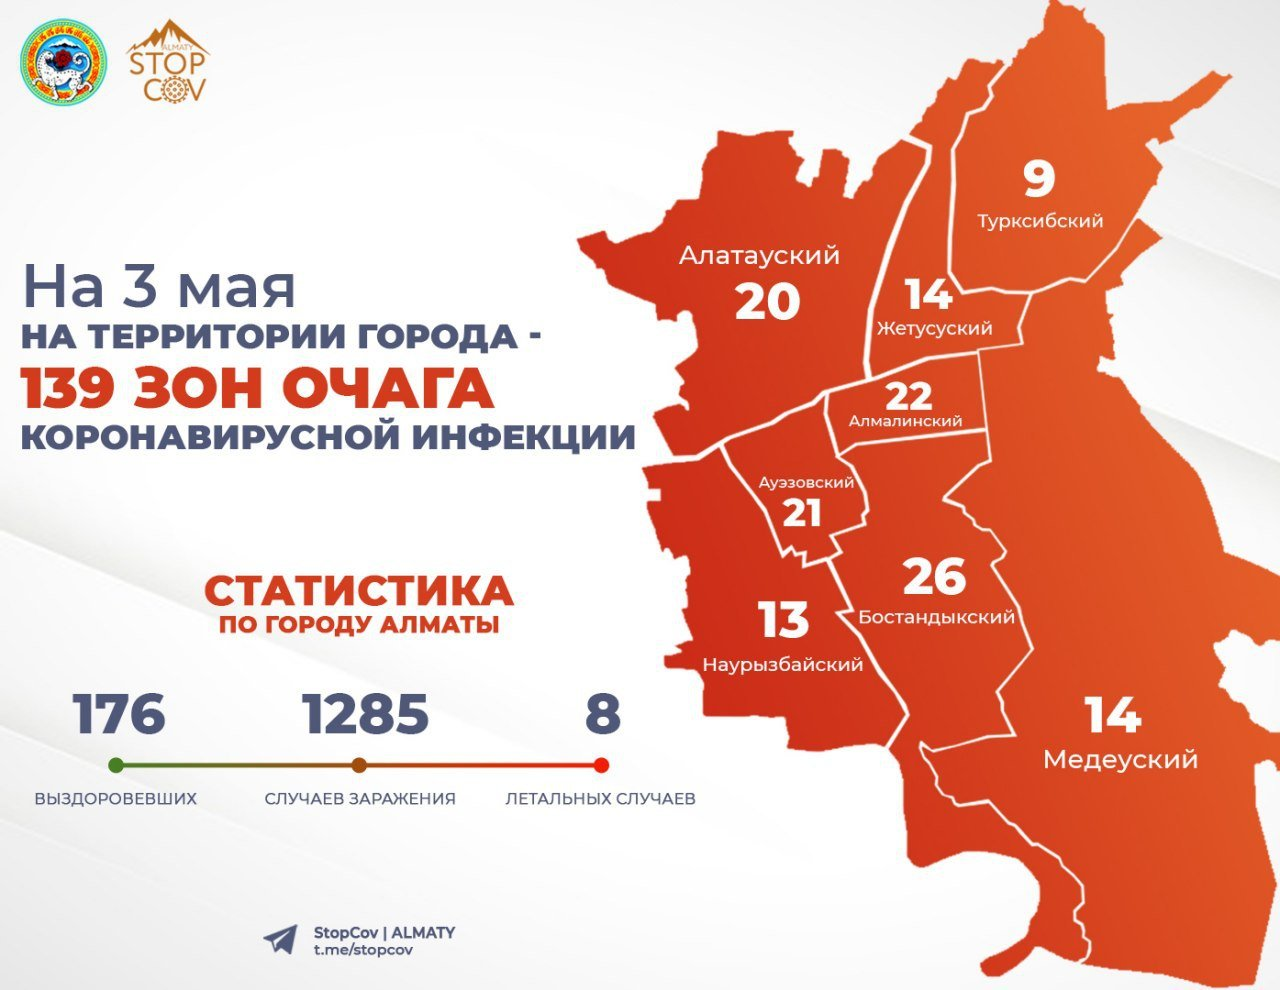 Зоны очага на 3 мая, ДККБТУ Алматы